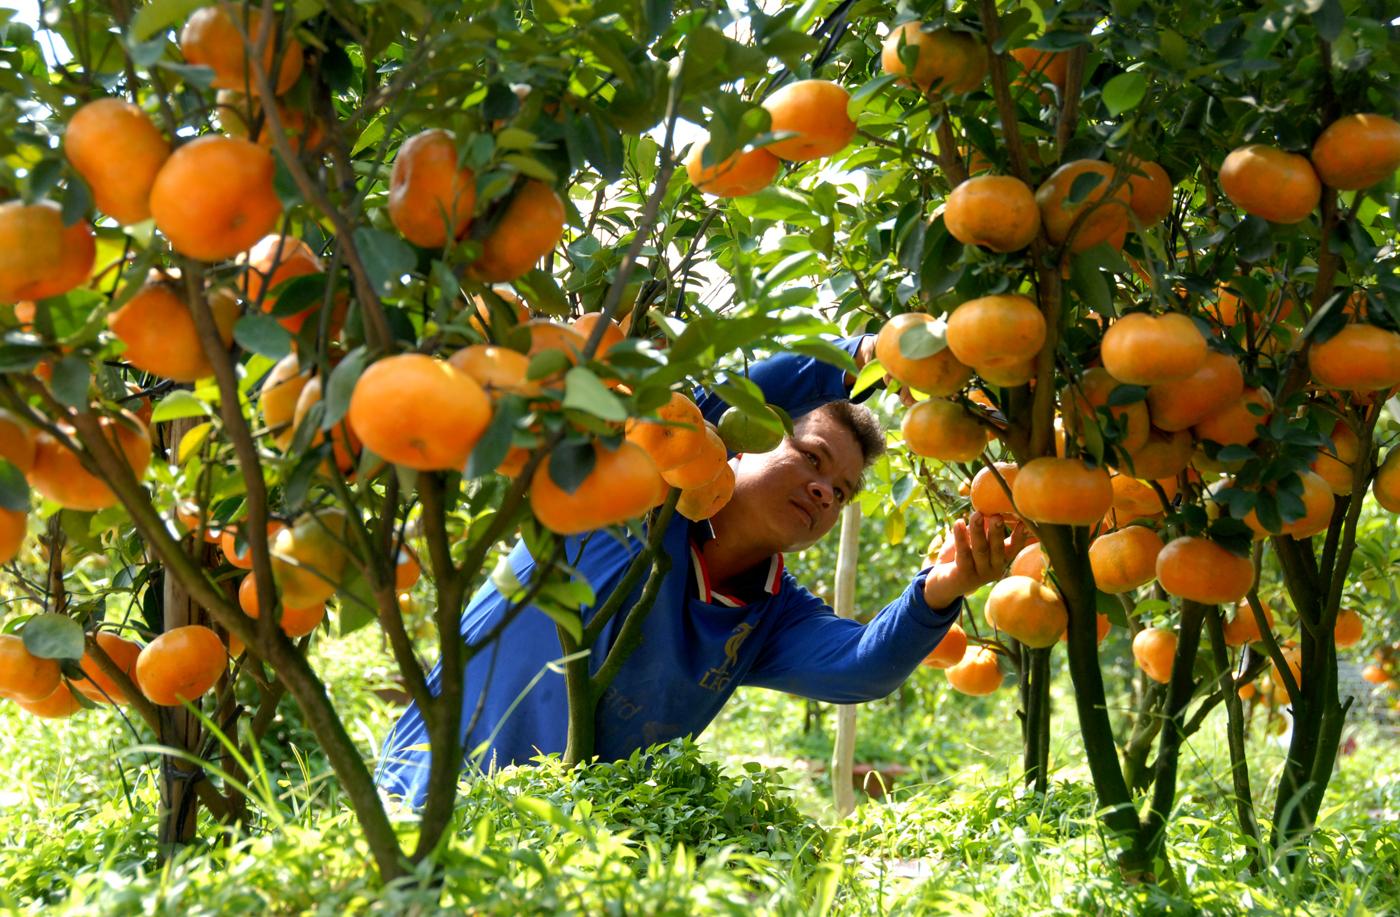 Nông dân Đồng Tháp thắt lòng với mùa nông sản Tết